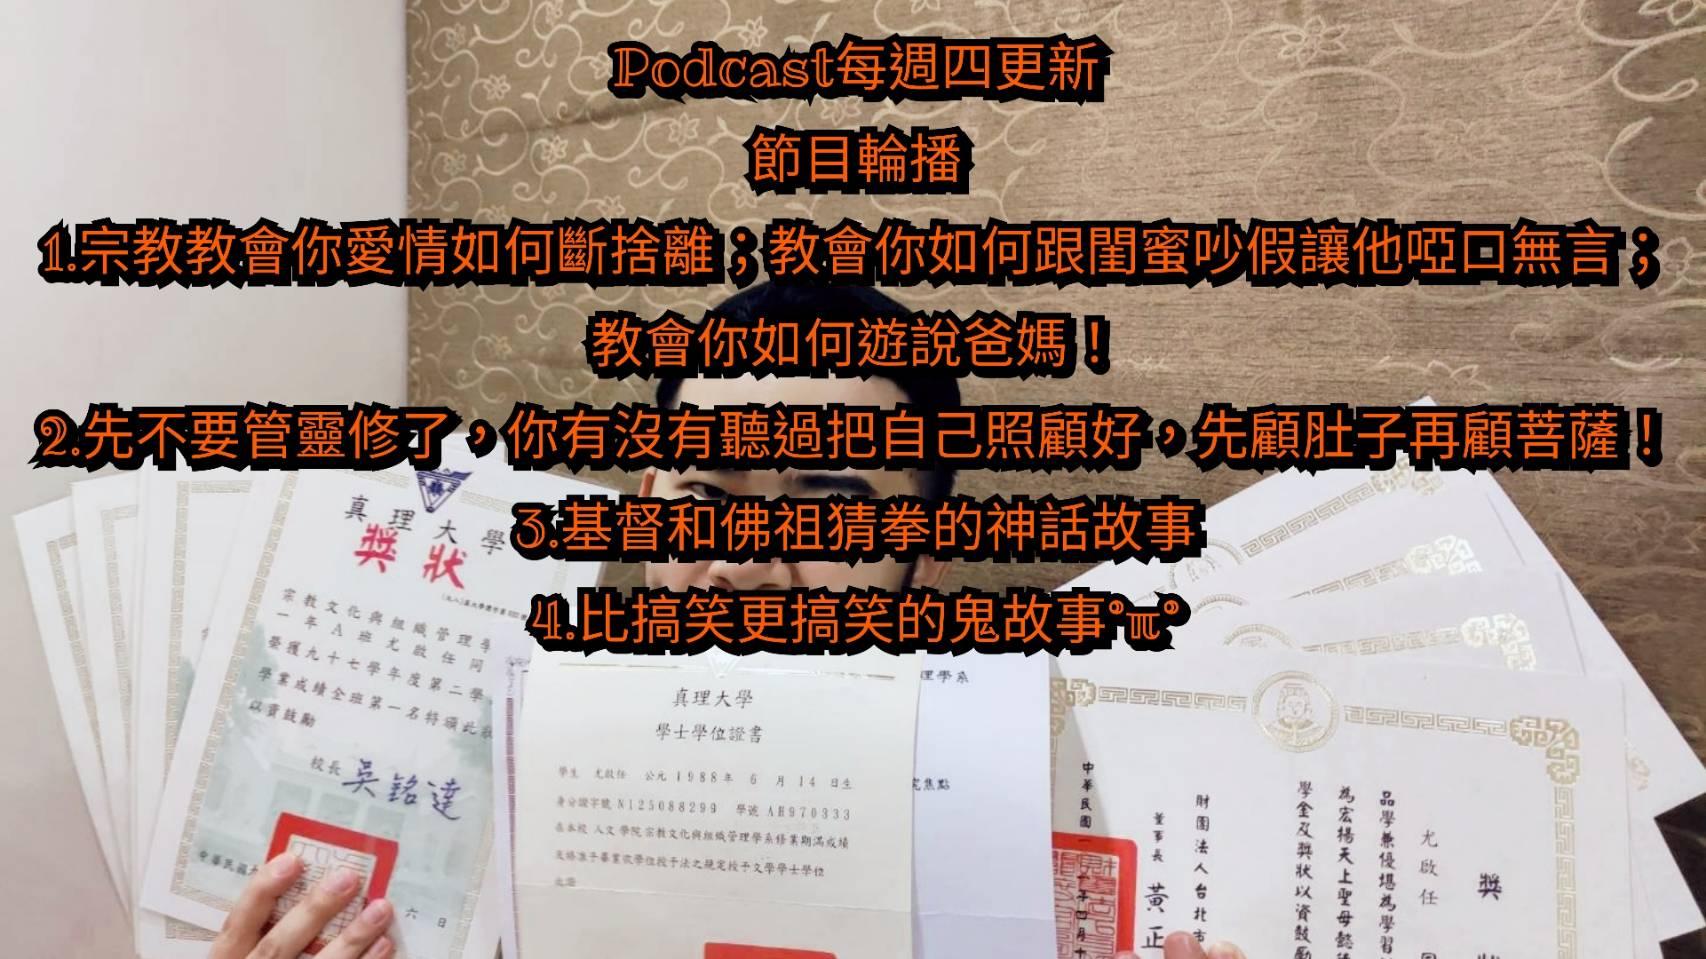 職場味噌湯────魏徵與唐太宗的職場關係!唐朝政治家魏徵,教你如何看破 慣 老 闆。